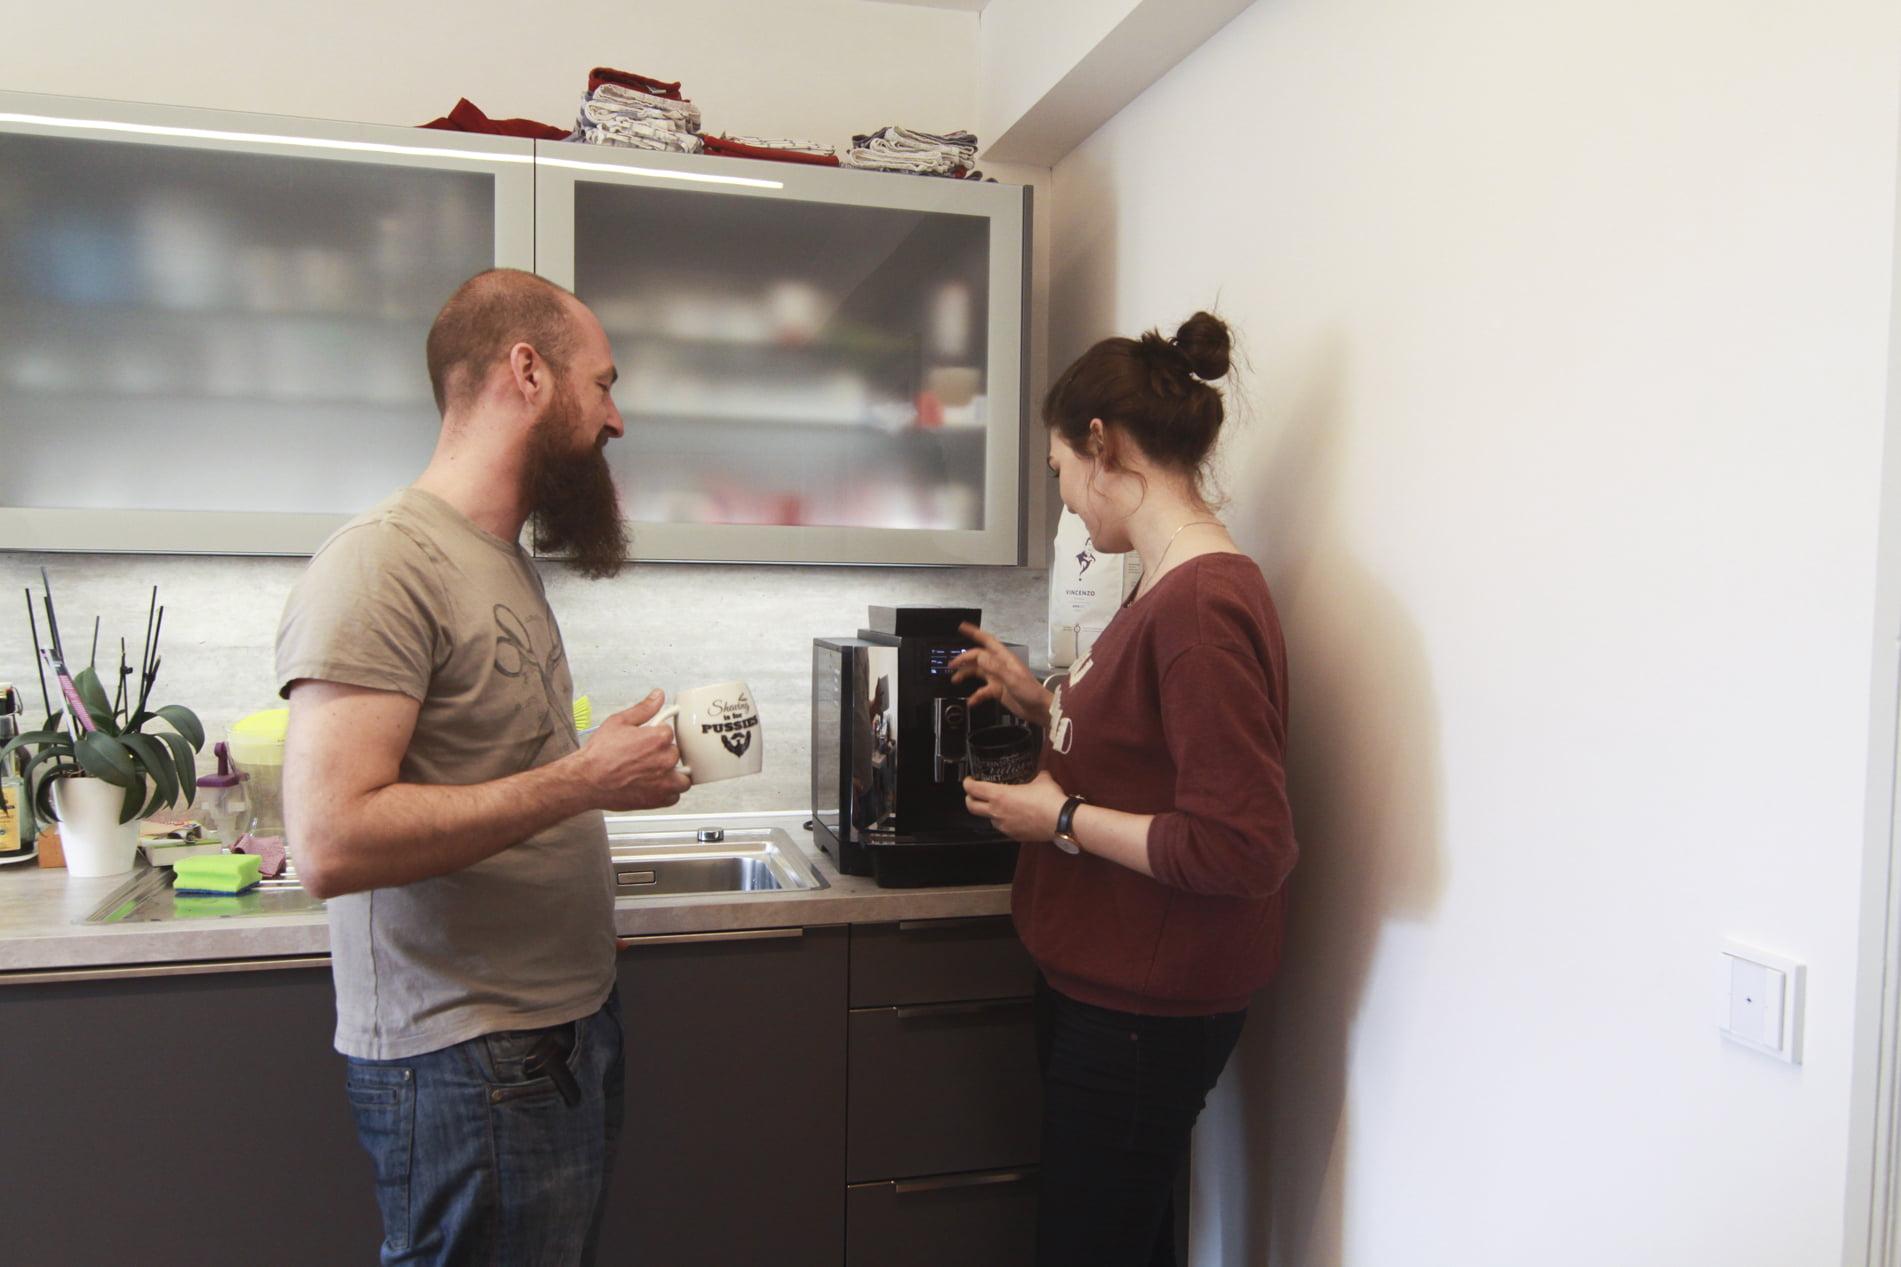 Zwei Mitarbeiter im Büro zapfen an einem Kaffeevollautomaten Kaffee für ihre Arbeit im Büro.